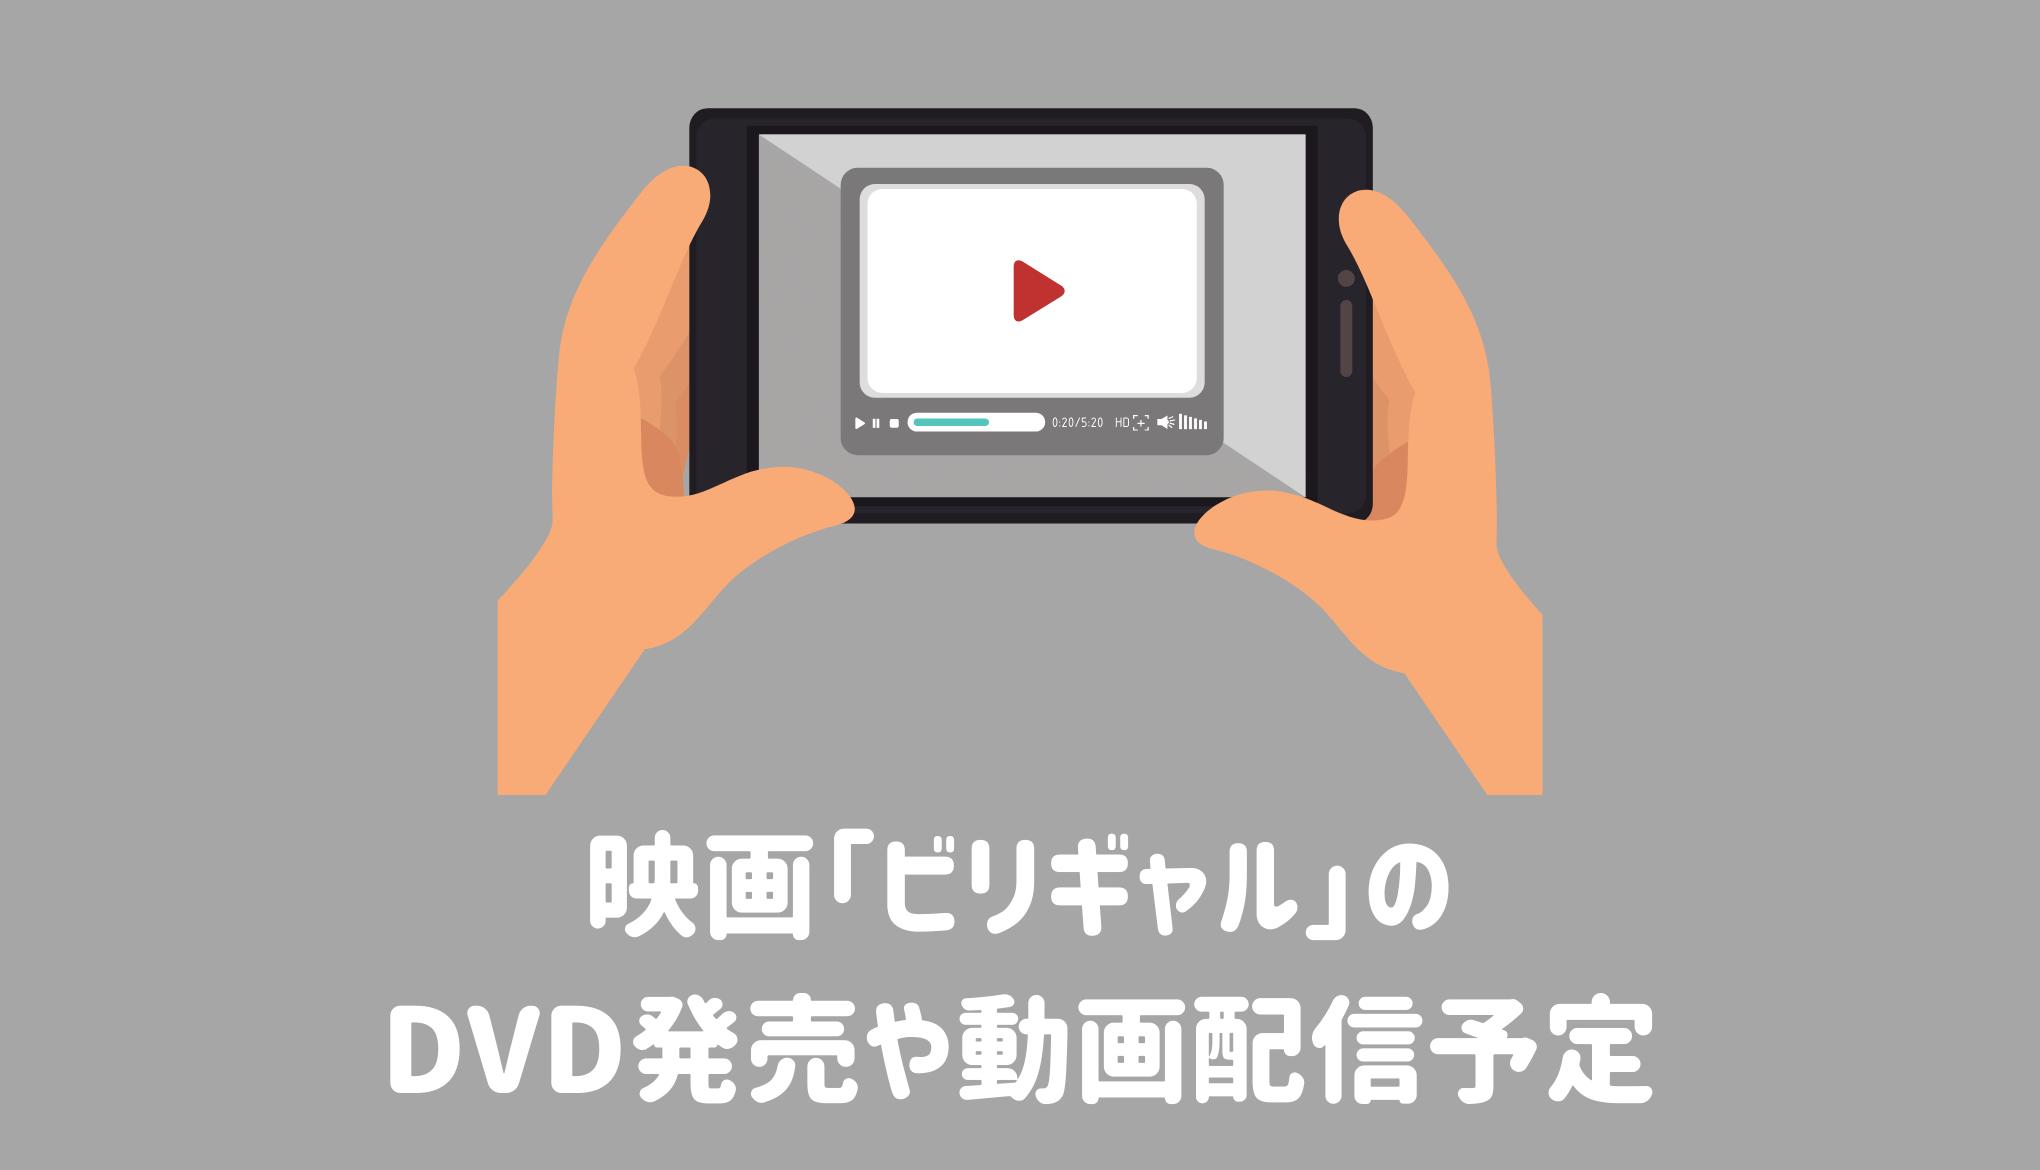 映画「ビリギャル」のDVD発売や動画配信予定